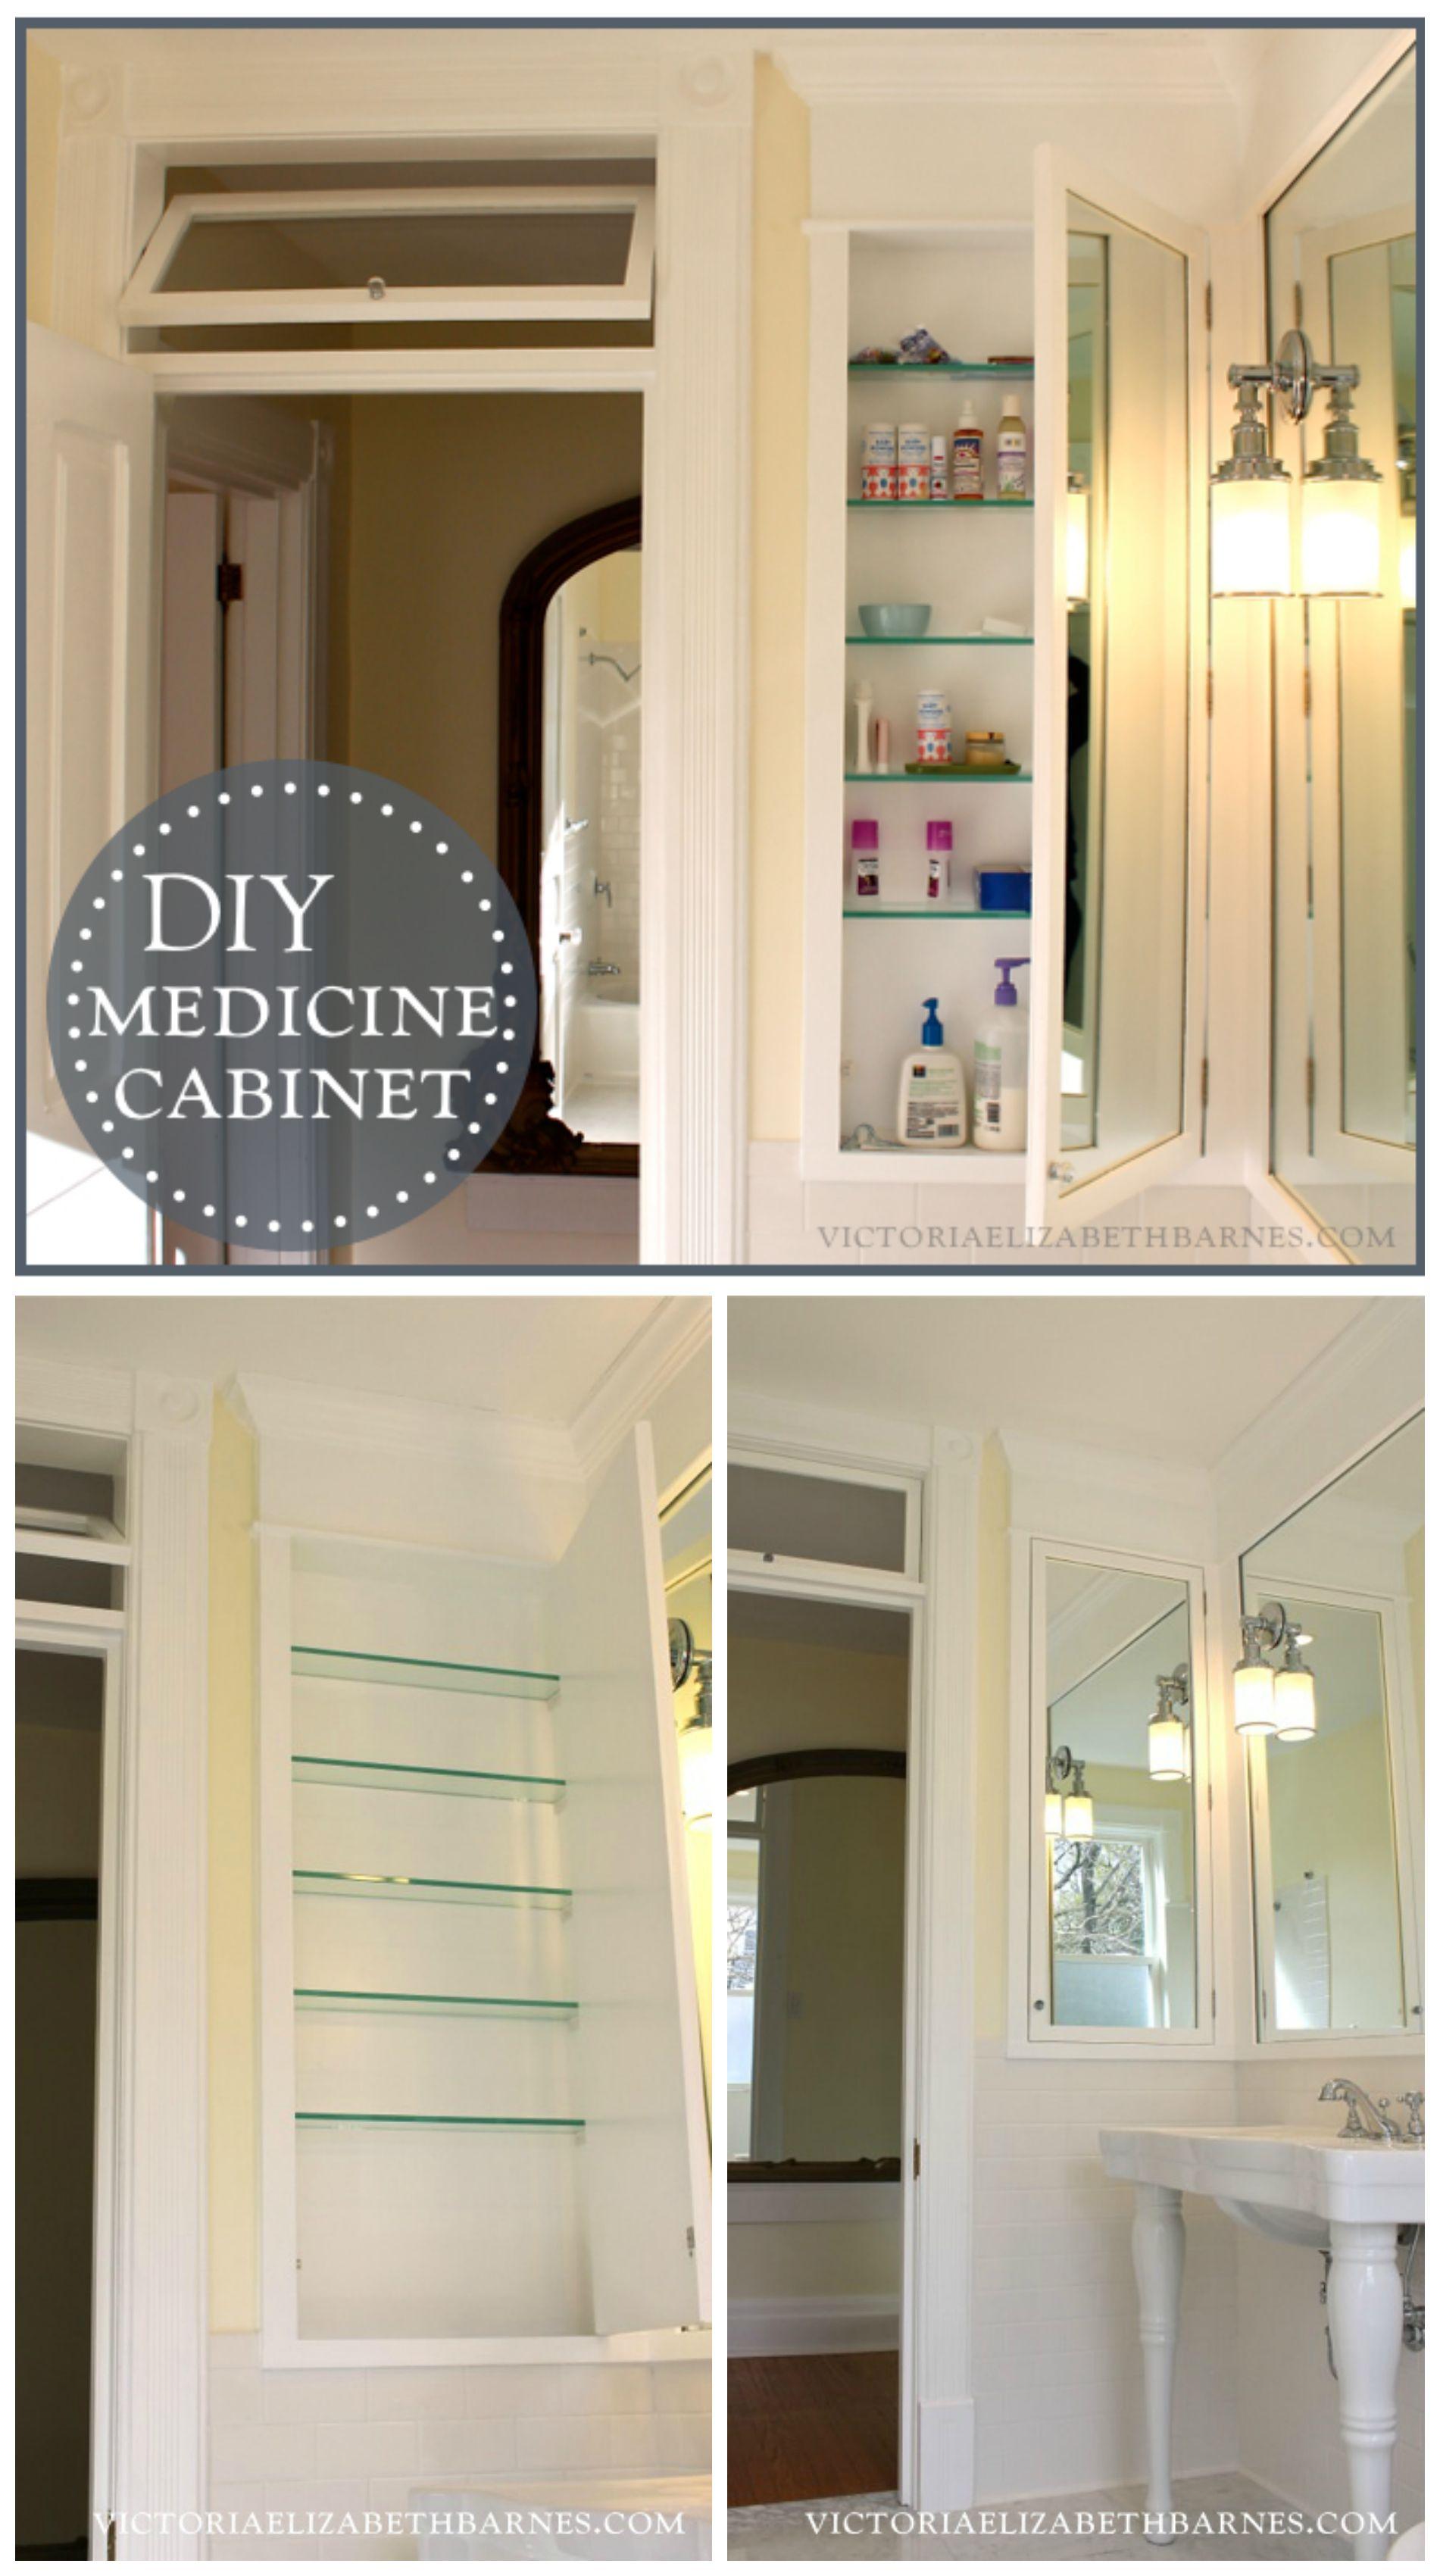 DIY bath remodel = DIY medicine cabinet